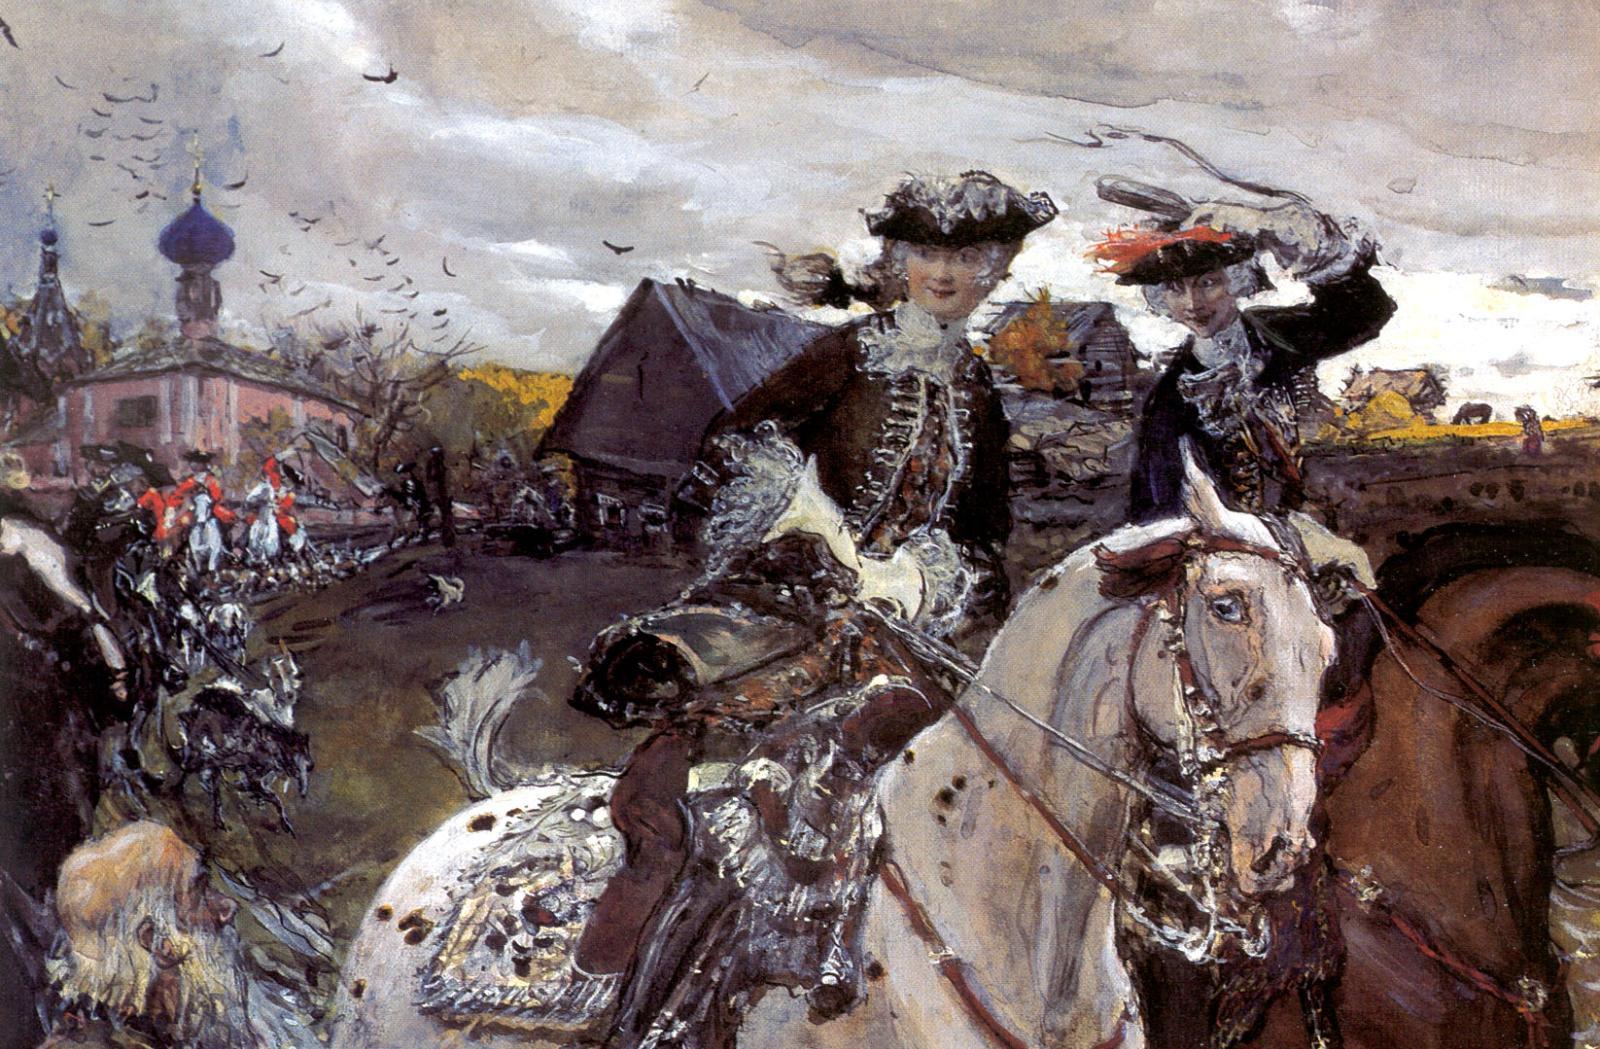 Охота Петра II и цесаревны Елизаветы. В. Серов, 1900 год.